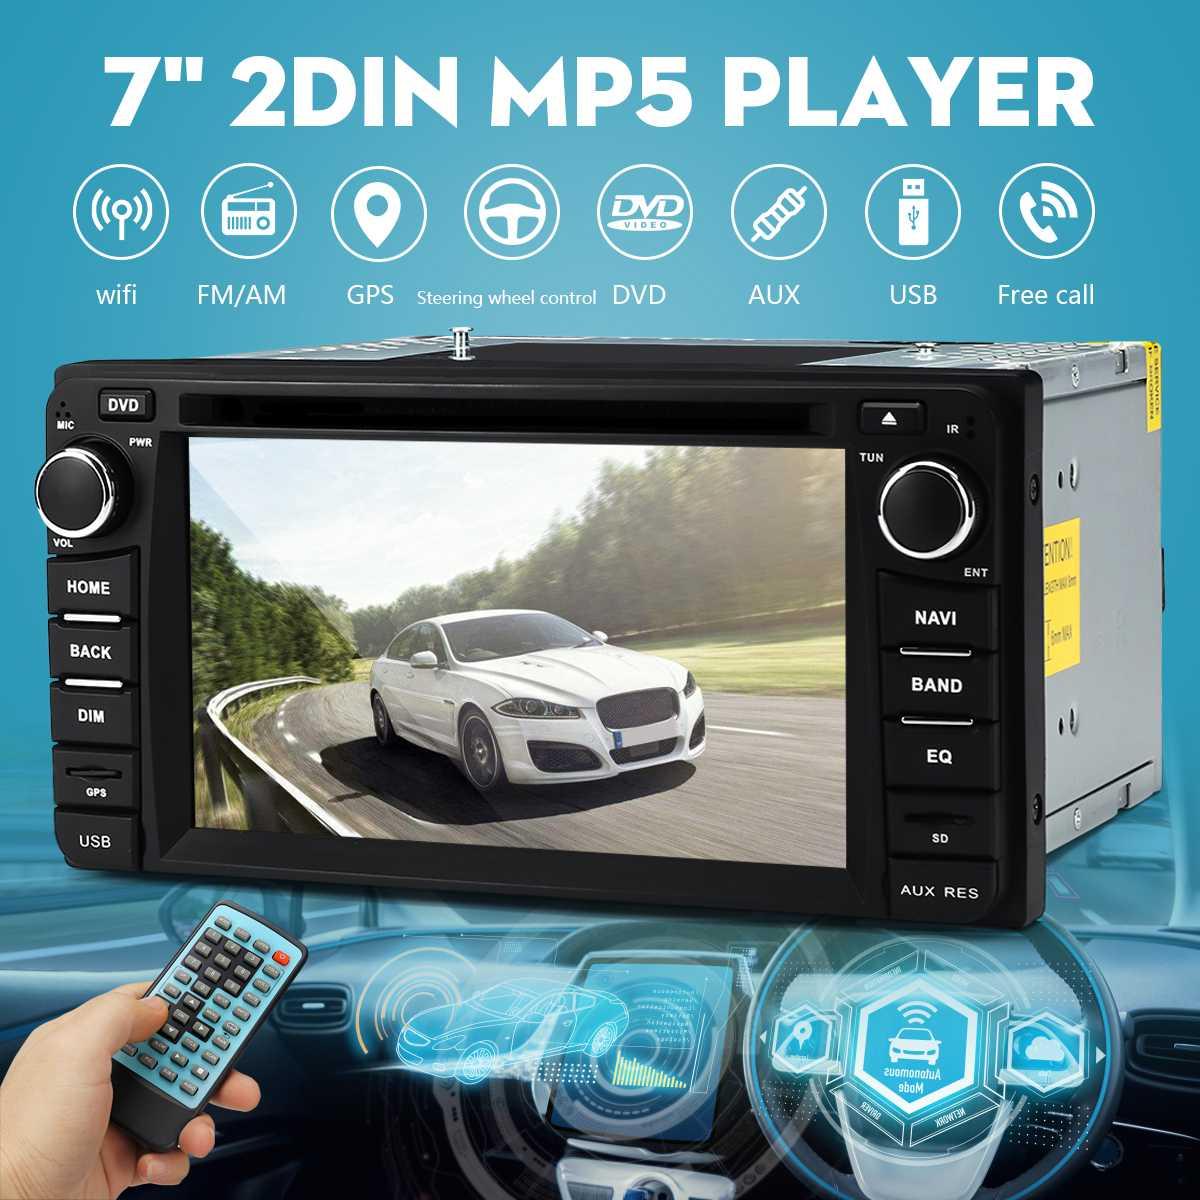 7 pouces 2 DIN 8G GPS carte bluetooth autoradio MP5 lecteur écran tactile WiFi FM DVD CD pour Toyota voiture lecteur multimédia